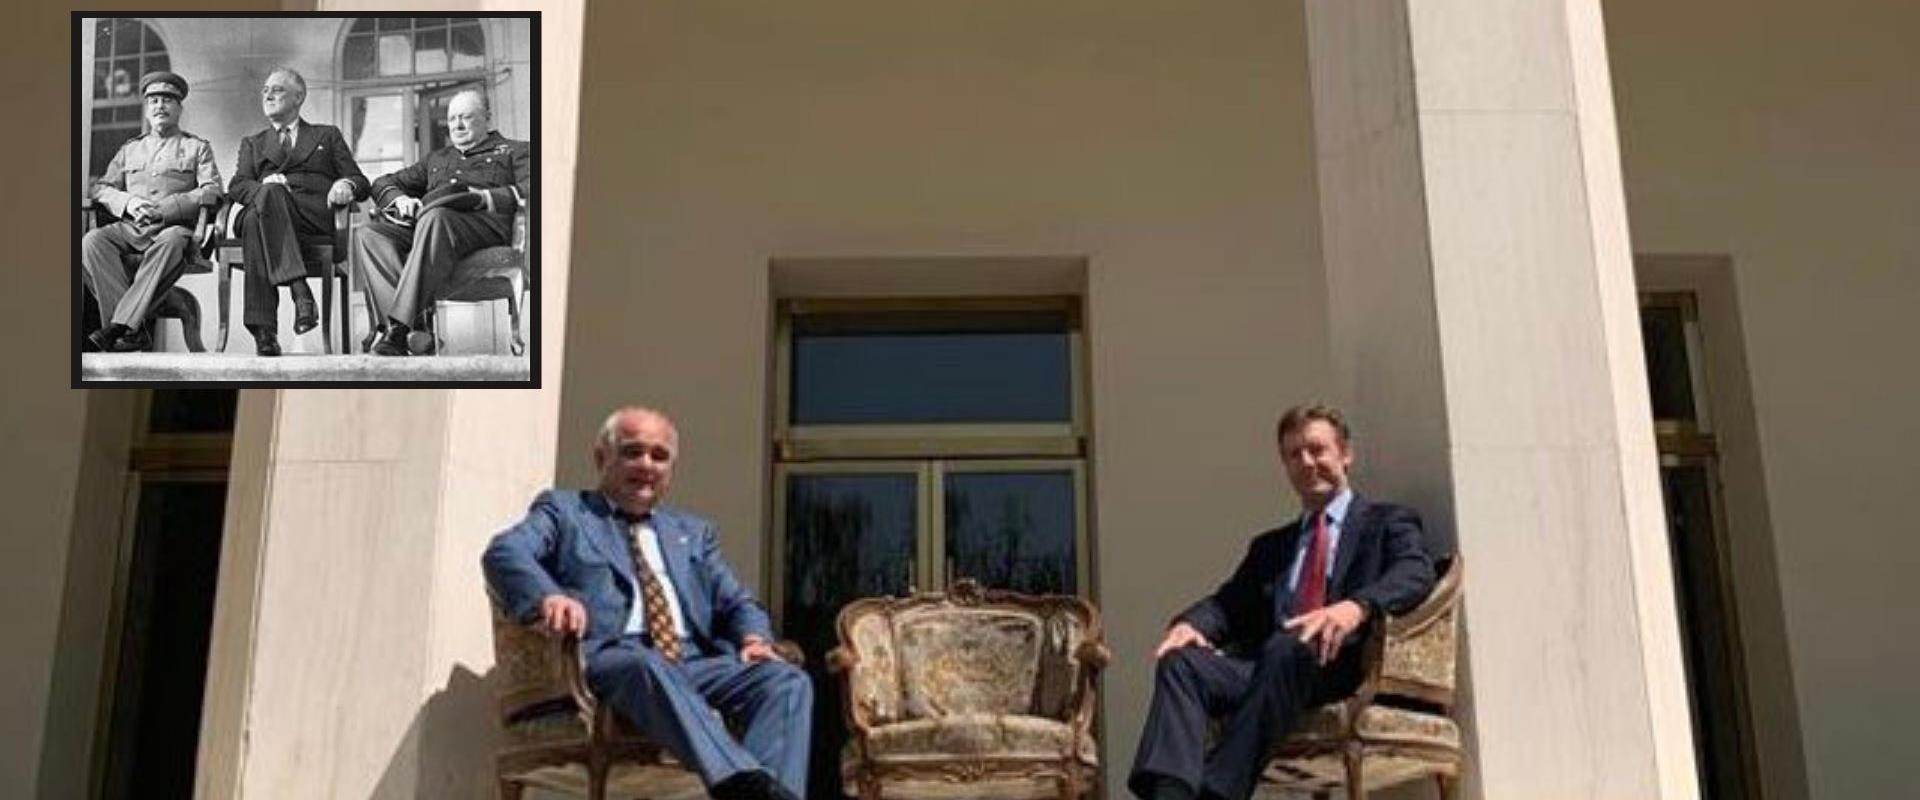 תמונת השגרירים